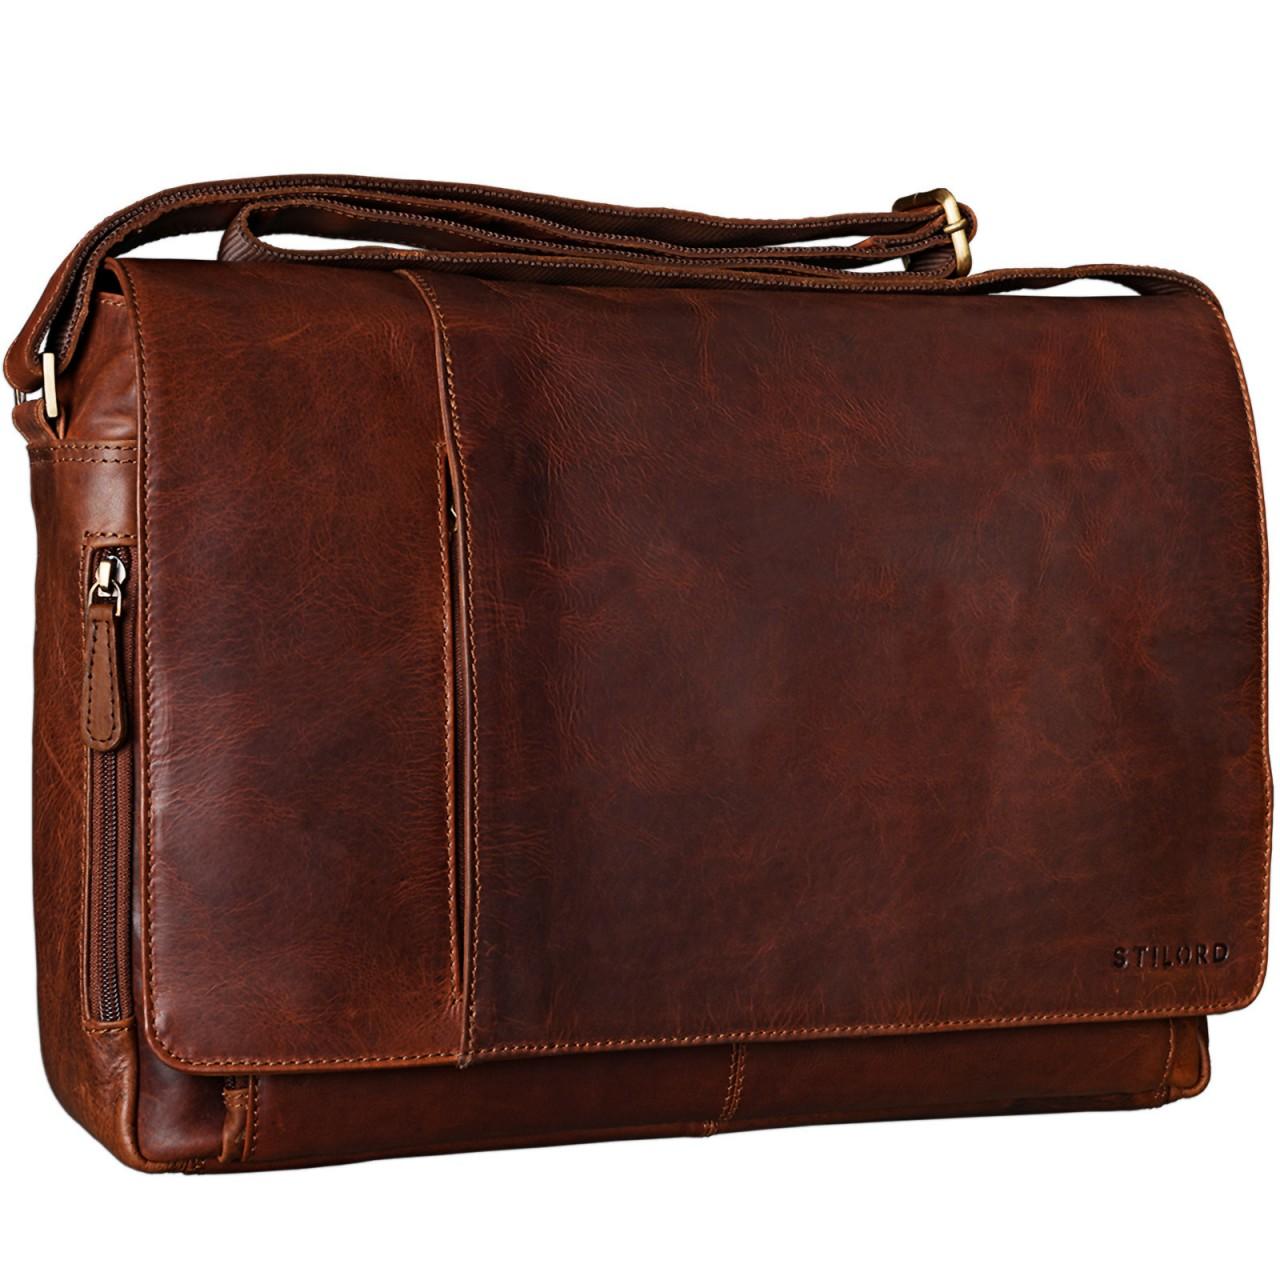 """STILORD B-WARE """"Elias"""" Businesstasche mit Laptopfach 15,6 Zoll Umhängetasche Herren Damen Aktentasche Unitasche Bürotasche Schultertasche Antik Leder braun - Bild 8"""